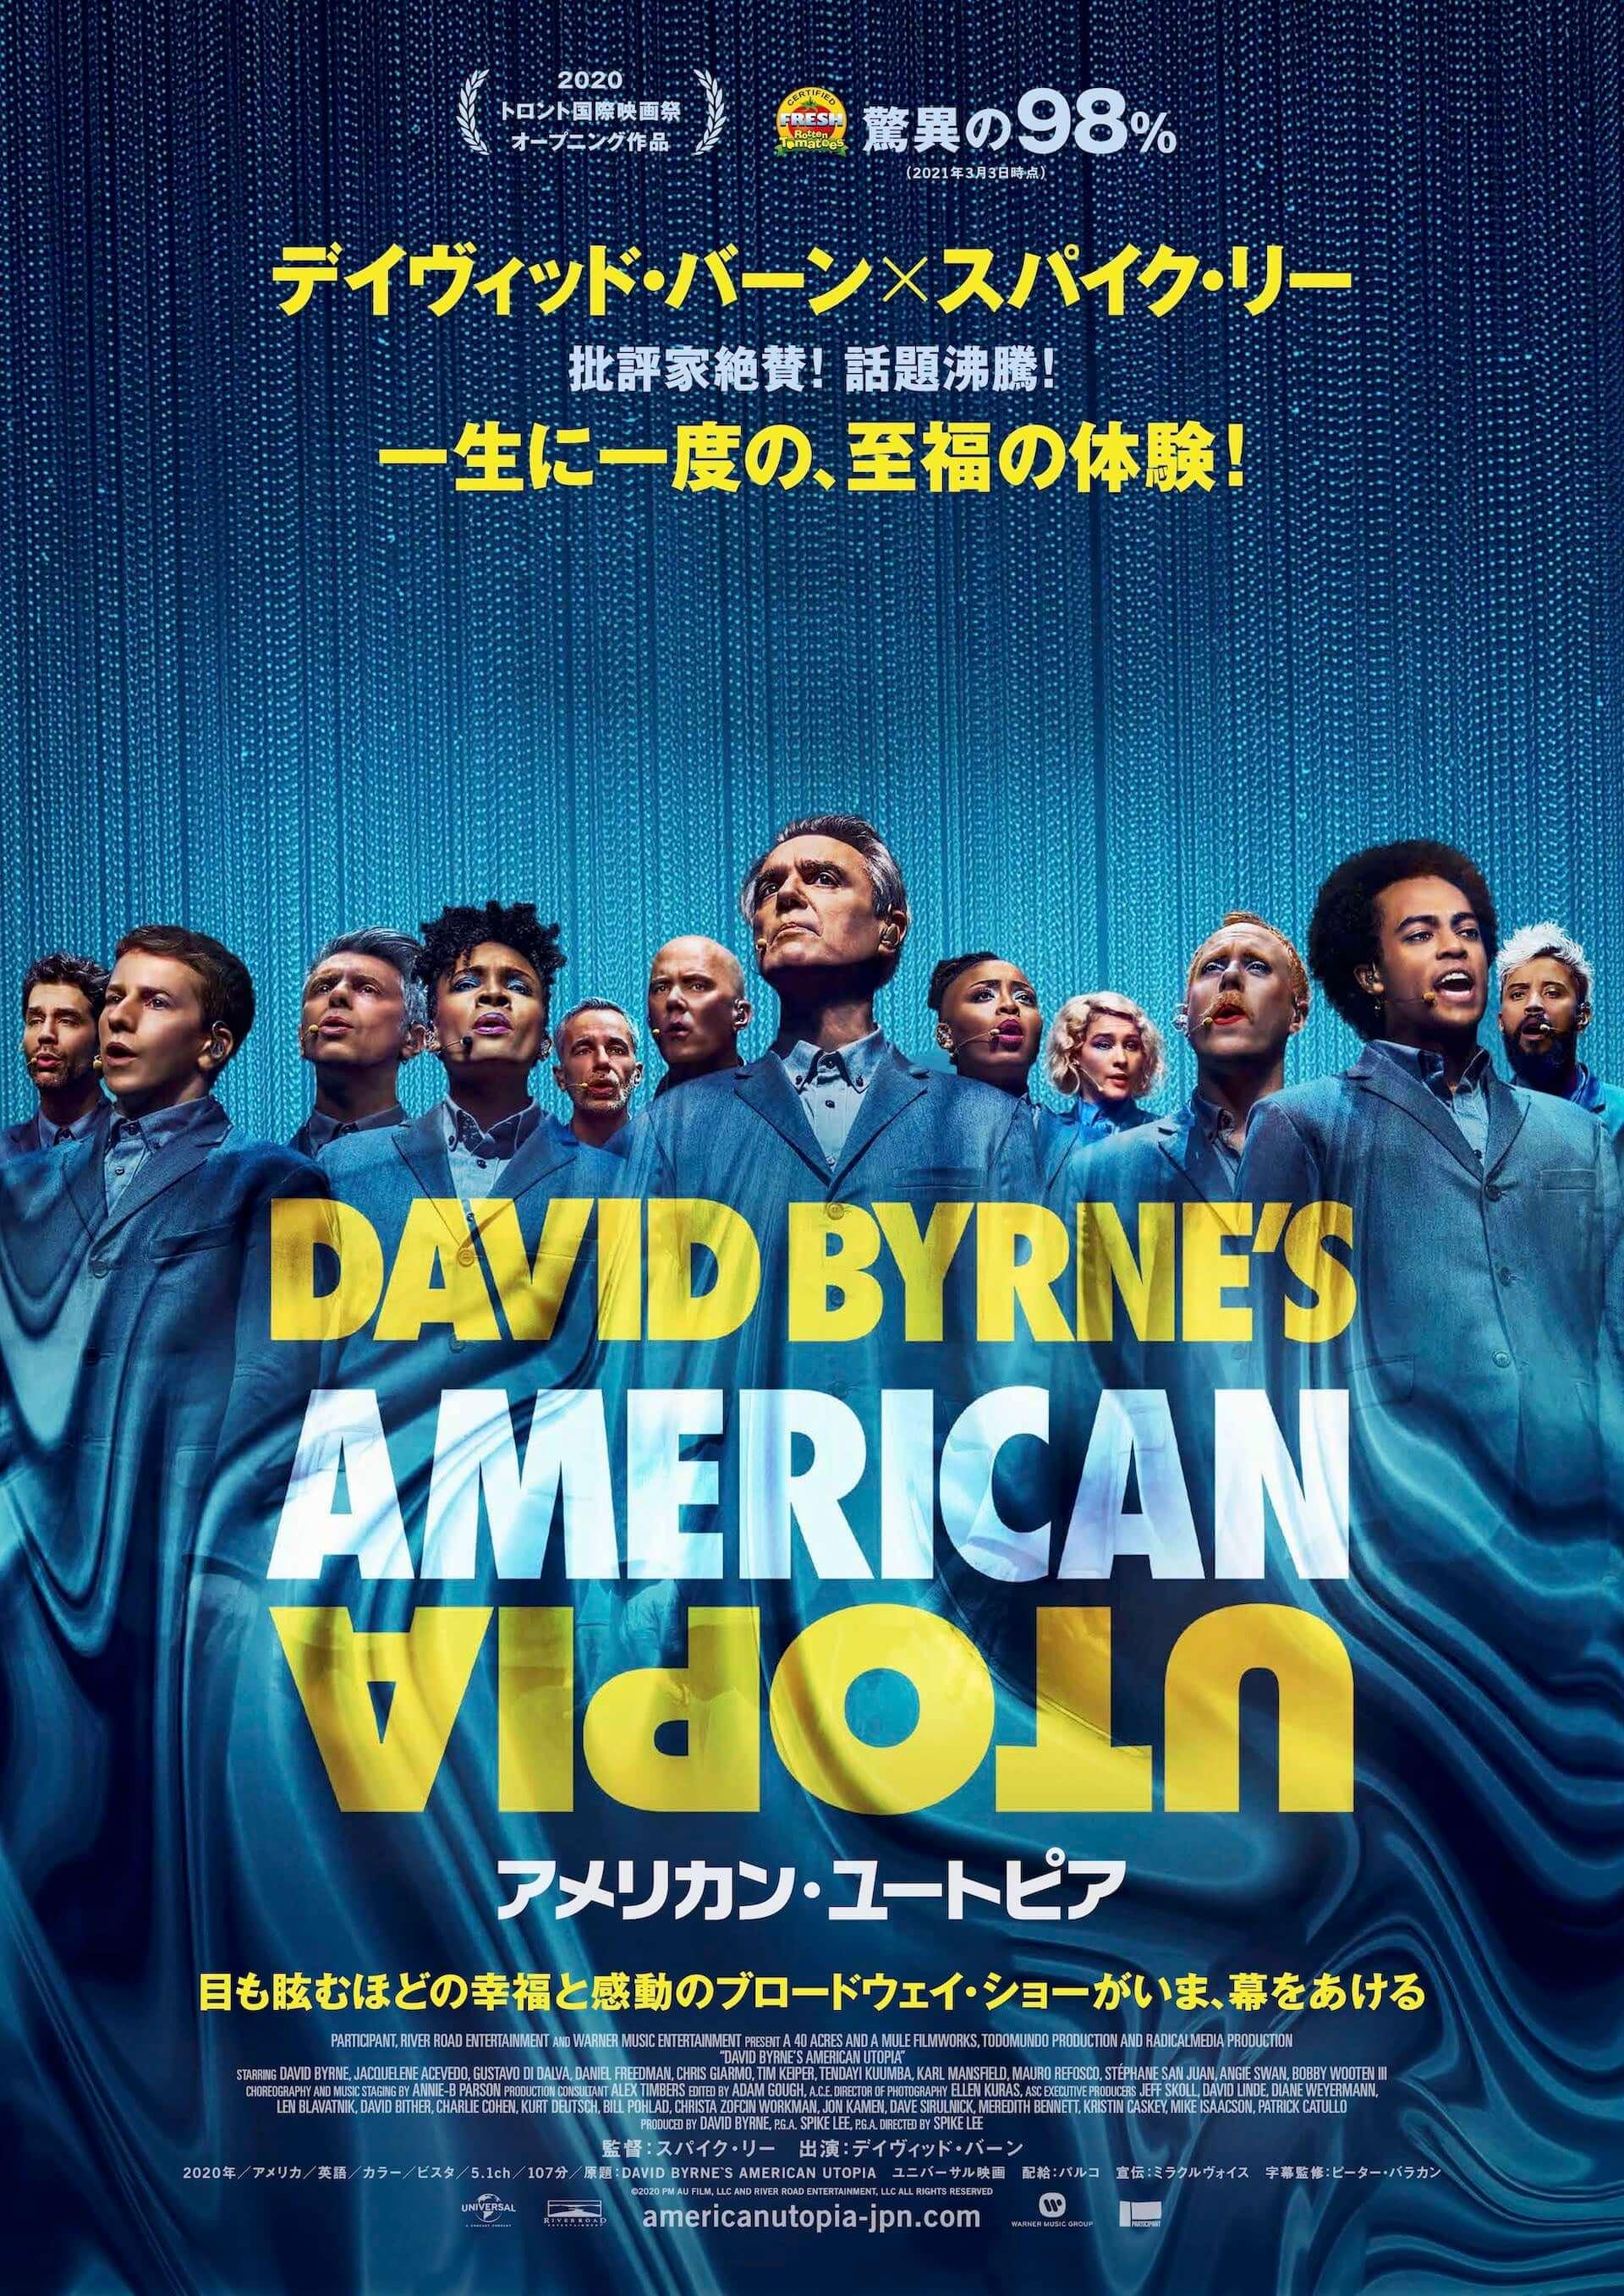 元Talking Heads・David Byrneとスパイク・リー監督のコラボ映画『アメリカン・ユートピア』が日本公開決定!字幕監修はピーター・バラカン film210310_americanutopia_1-1920x2714